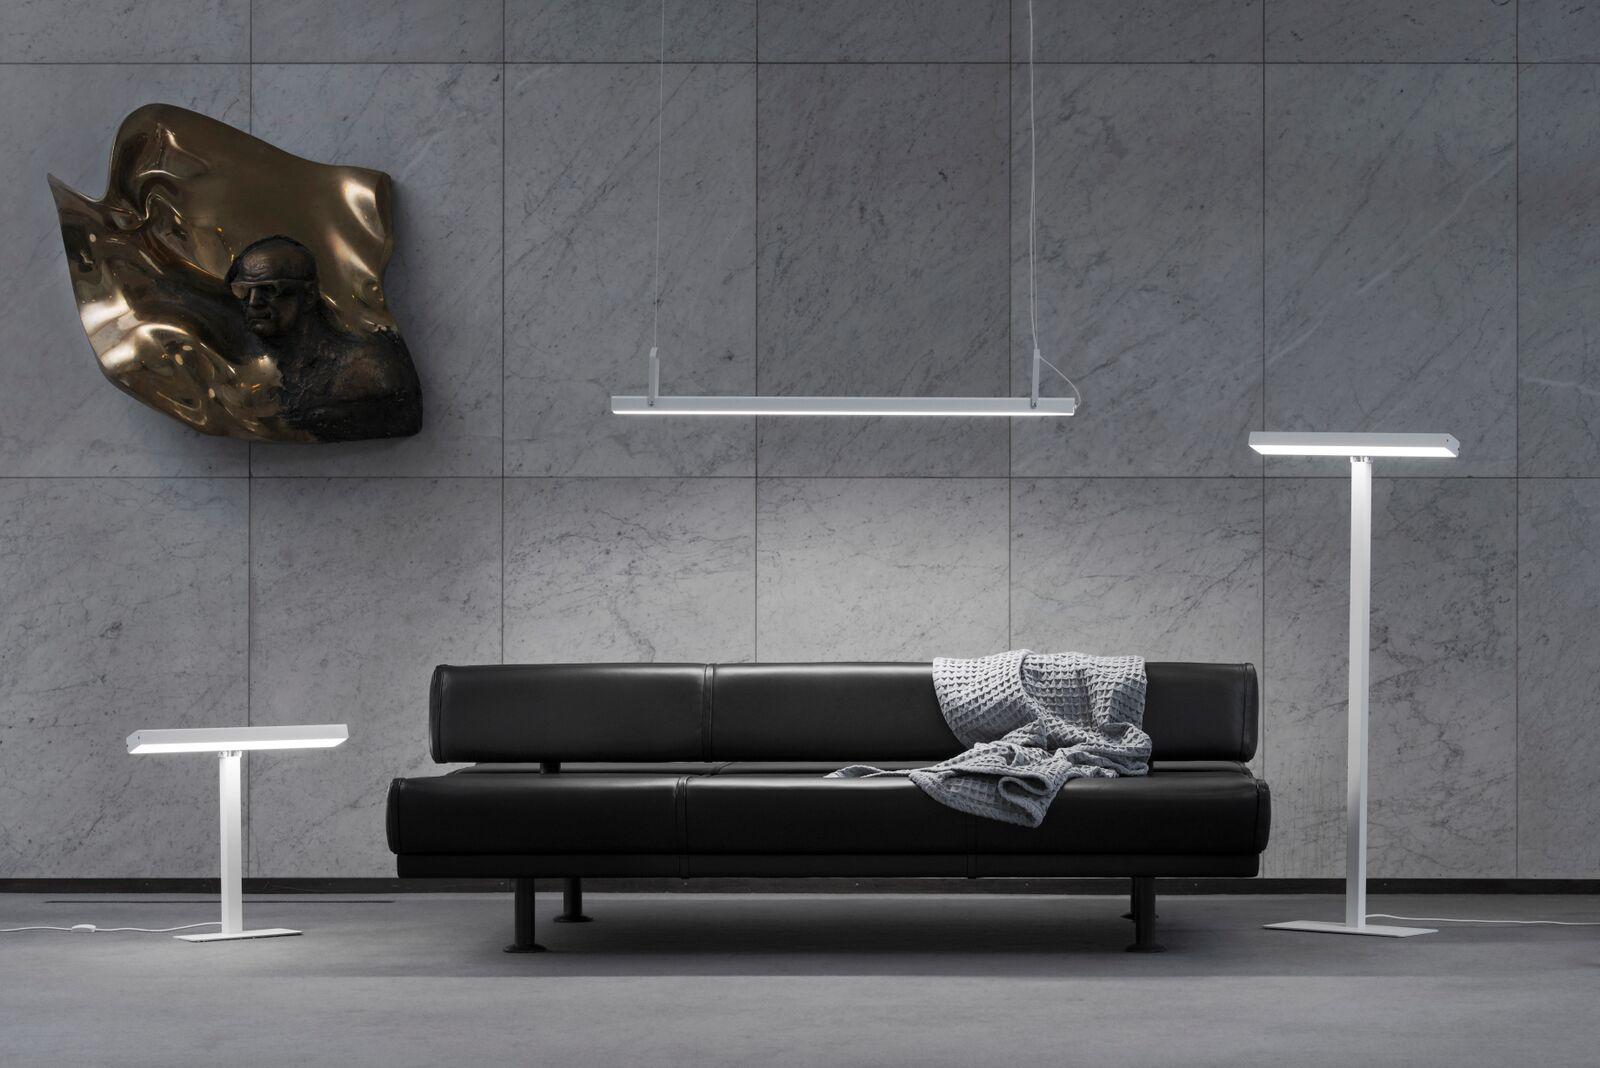 Dag Licht Lamp : Valovoima daglicht vloerlamp design harri koskinen voor innolux